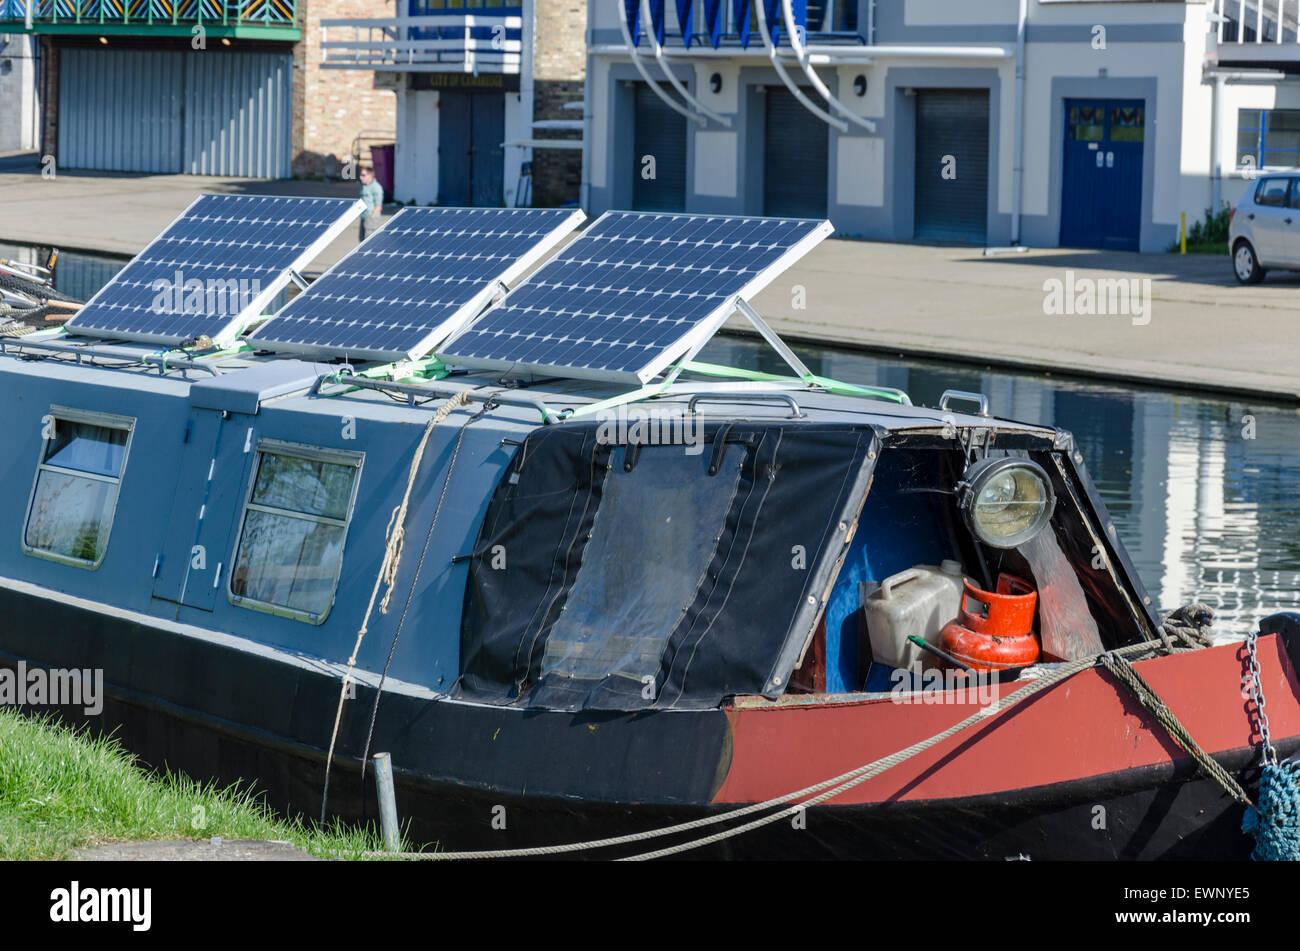 Paneles solares en un estrecho en barco por el río Cam, Cambridge, Reino Unido Imagen De Stock